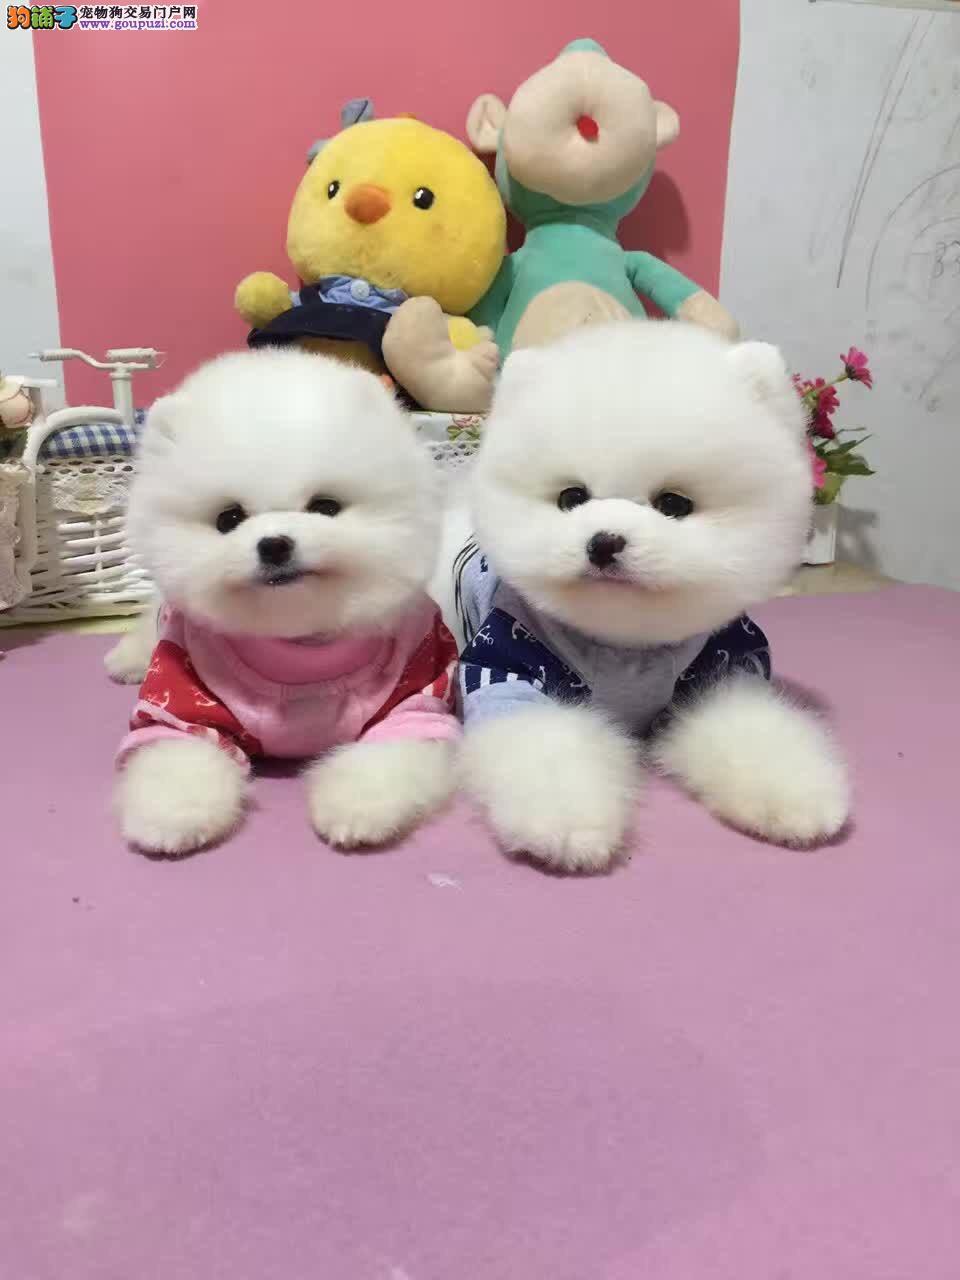 深圳哪里买狗 深圳哪里买纯种博美犬 找广东南官狗场